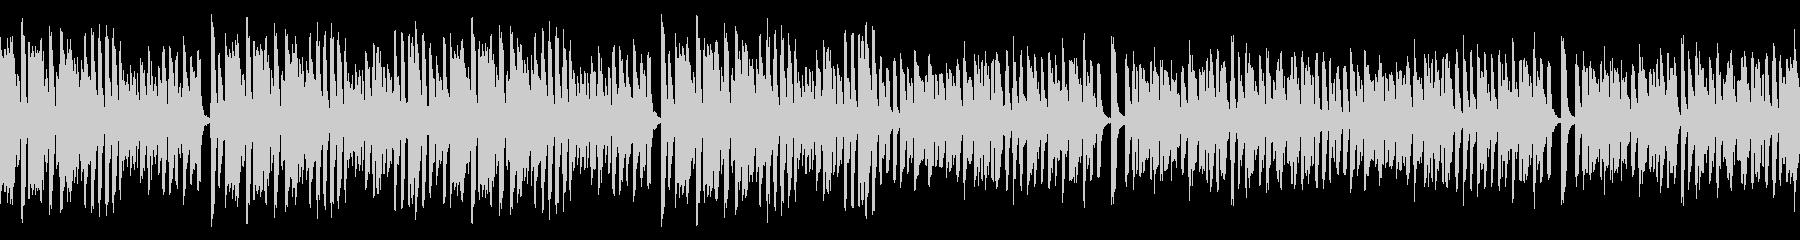 レトロピアノでお洒落なジャズ名曲(ループの未再生の波形